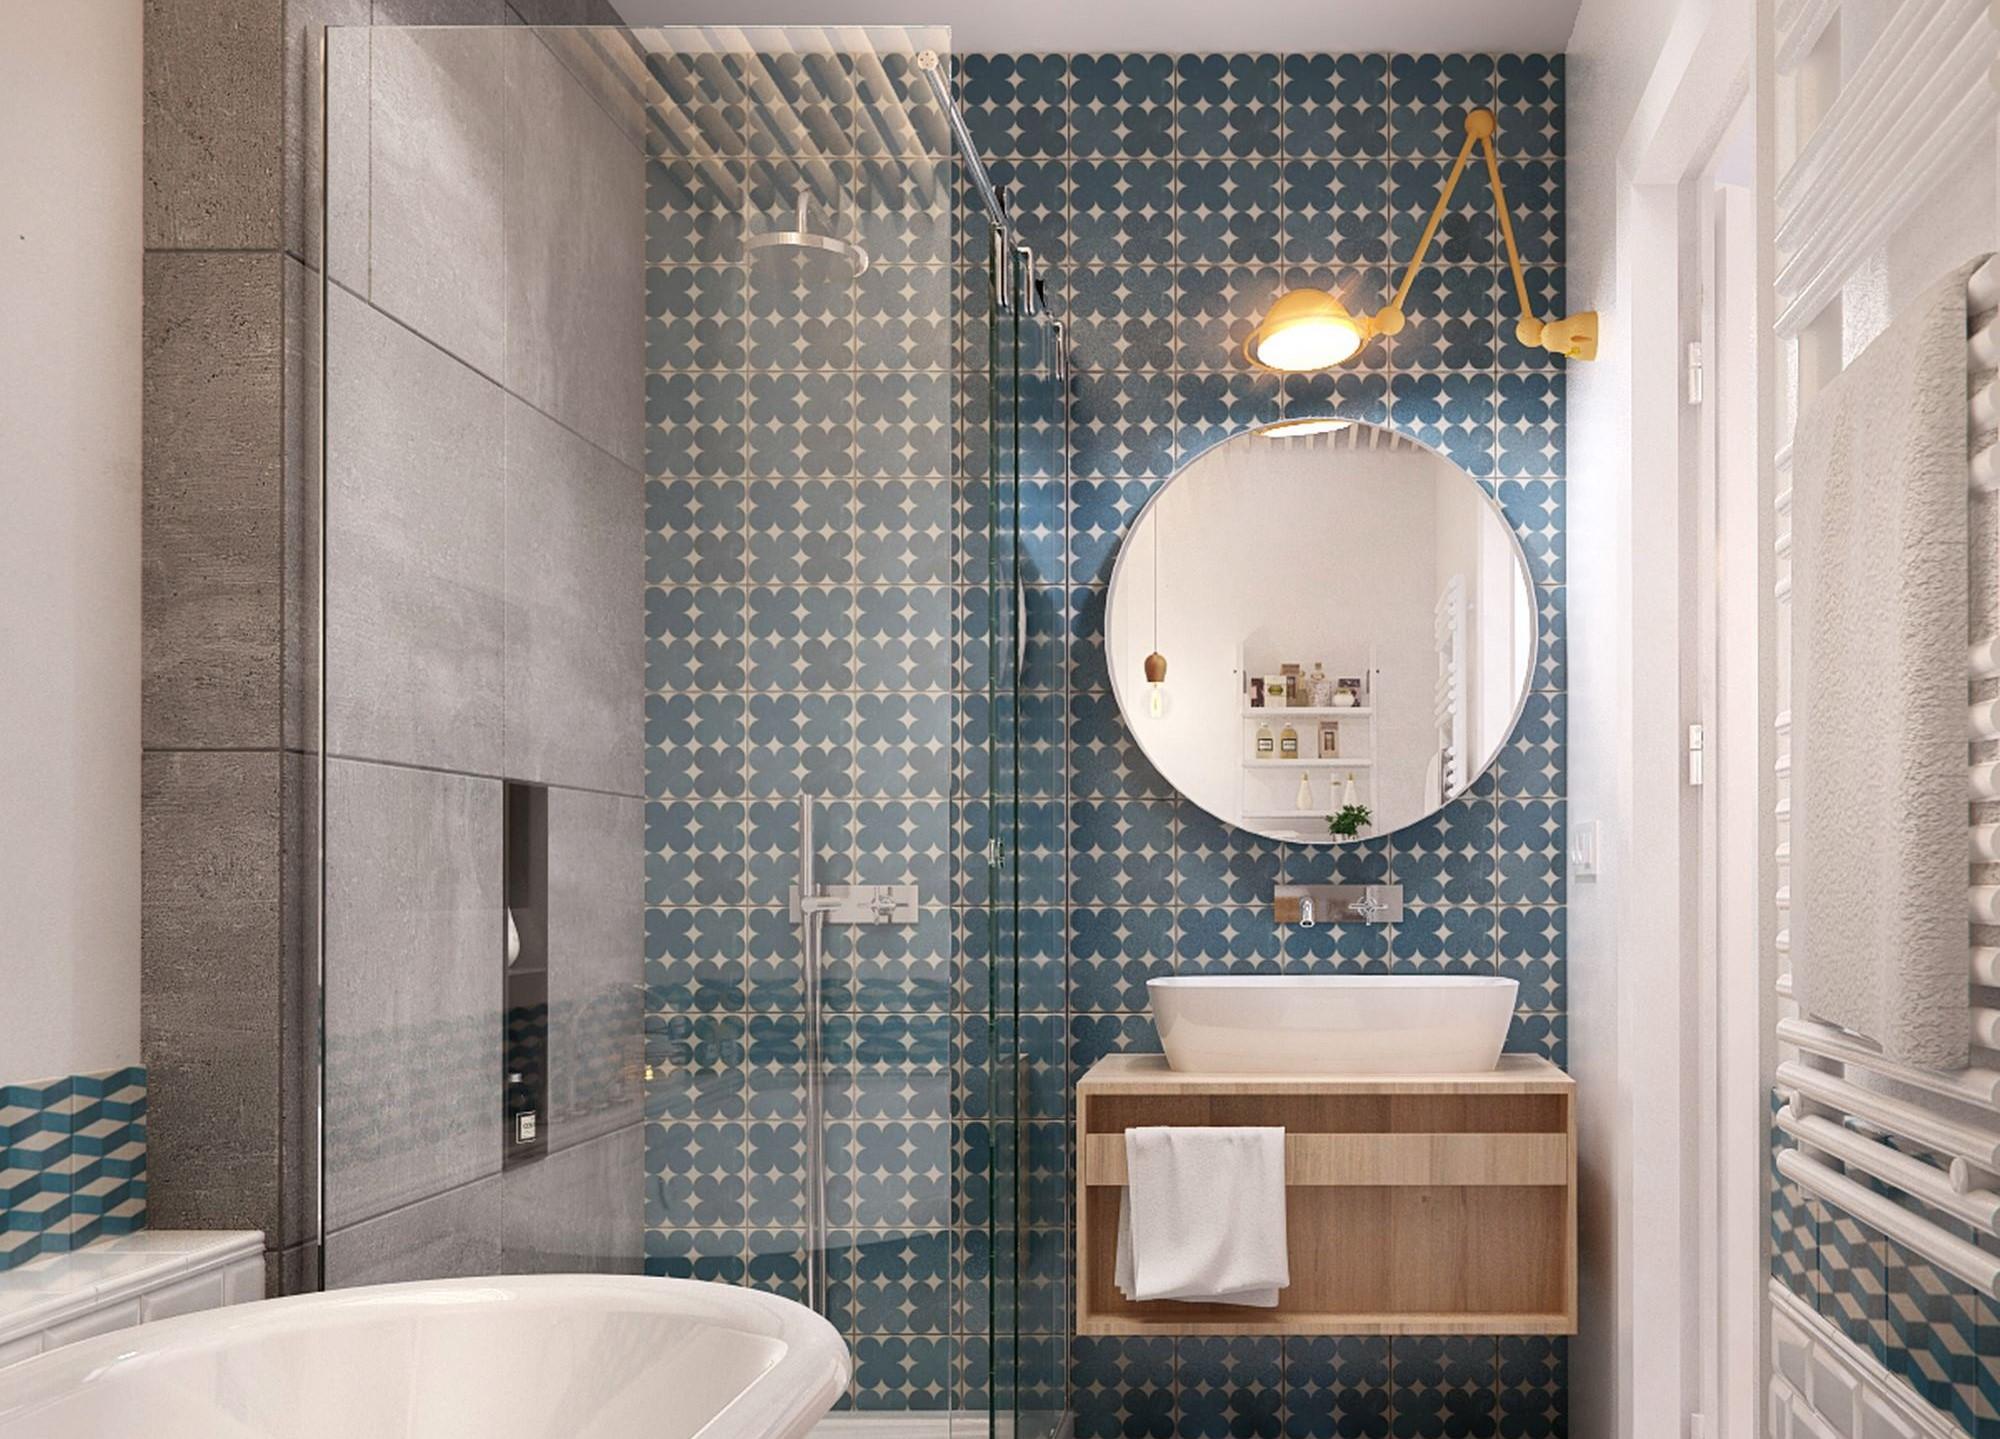 Couleur Tendance Salle De Bain 2019 eclora design | tendances salle de bain 2019!